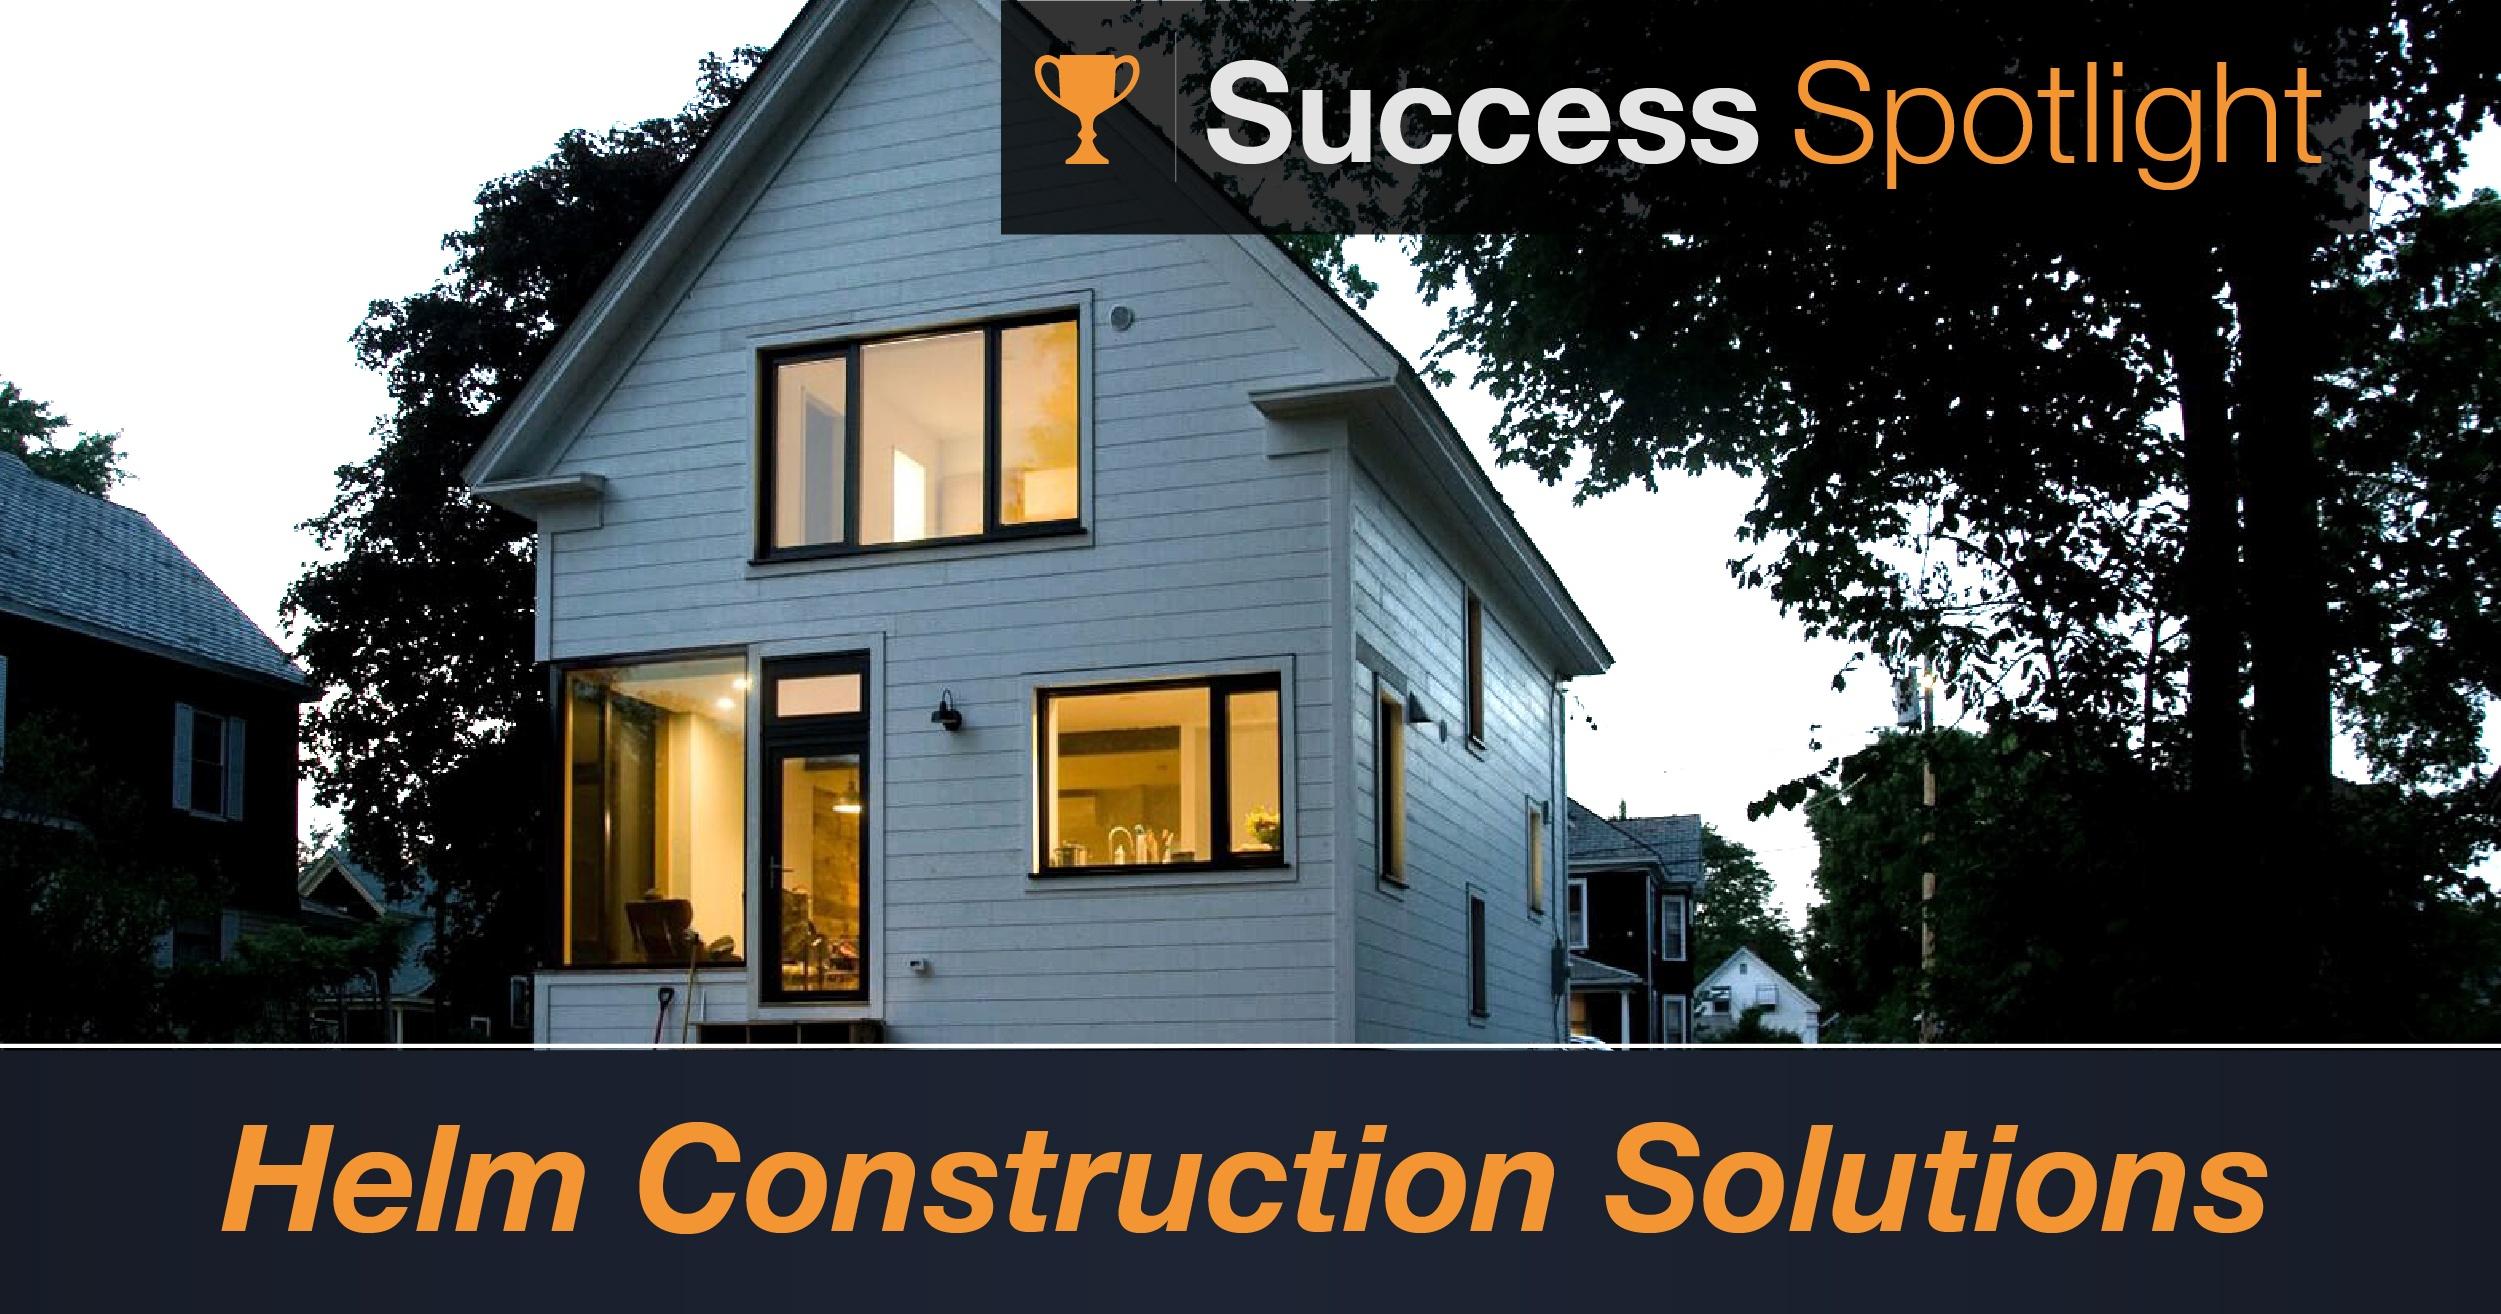 Success Spotlight: Helm Construction Solutions